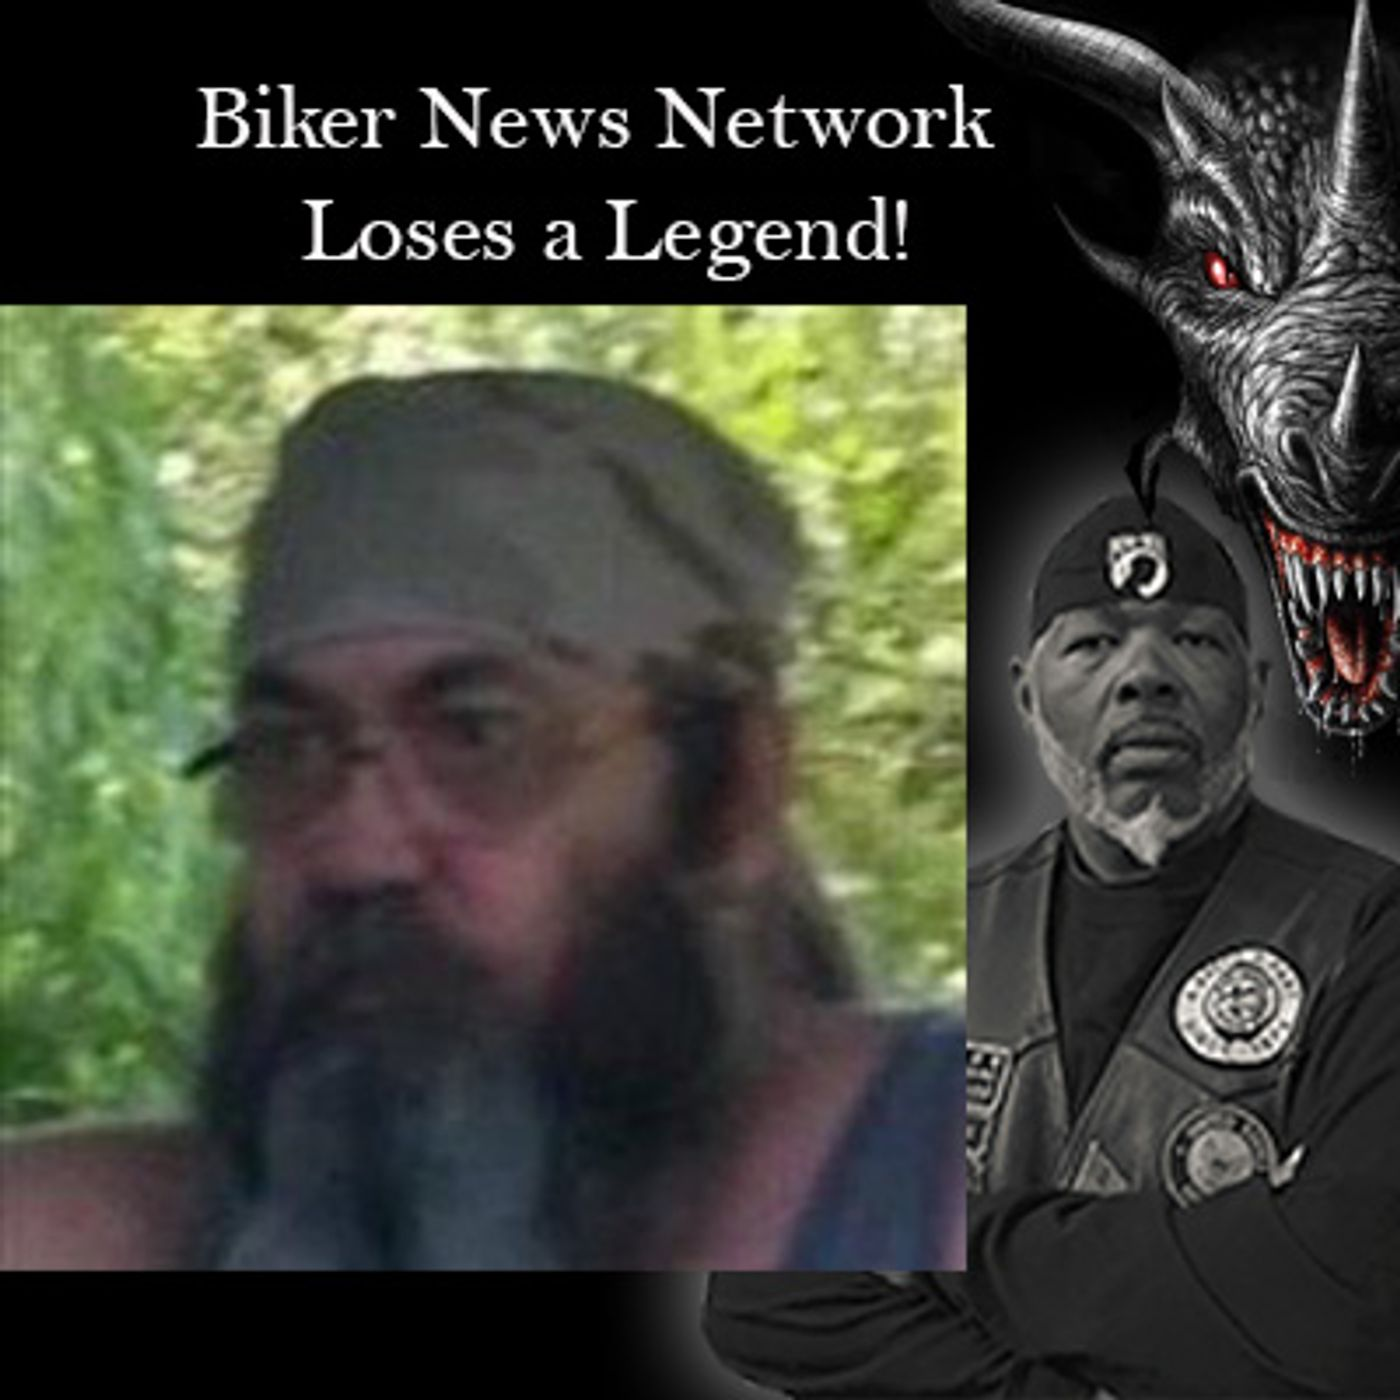 Biker News Network Loses a Legend